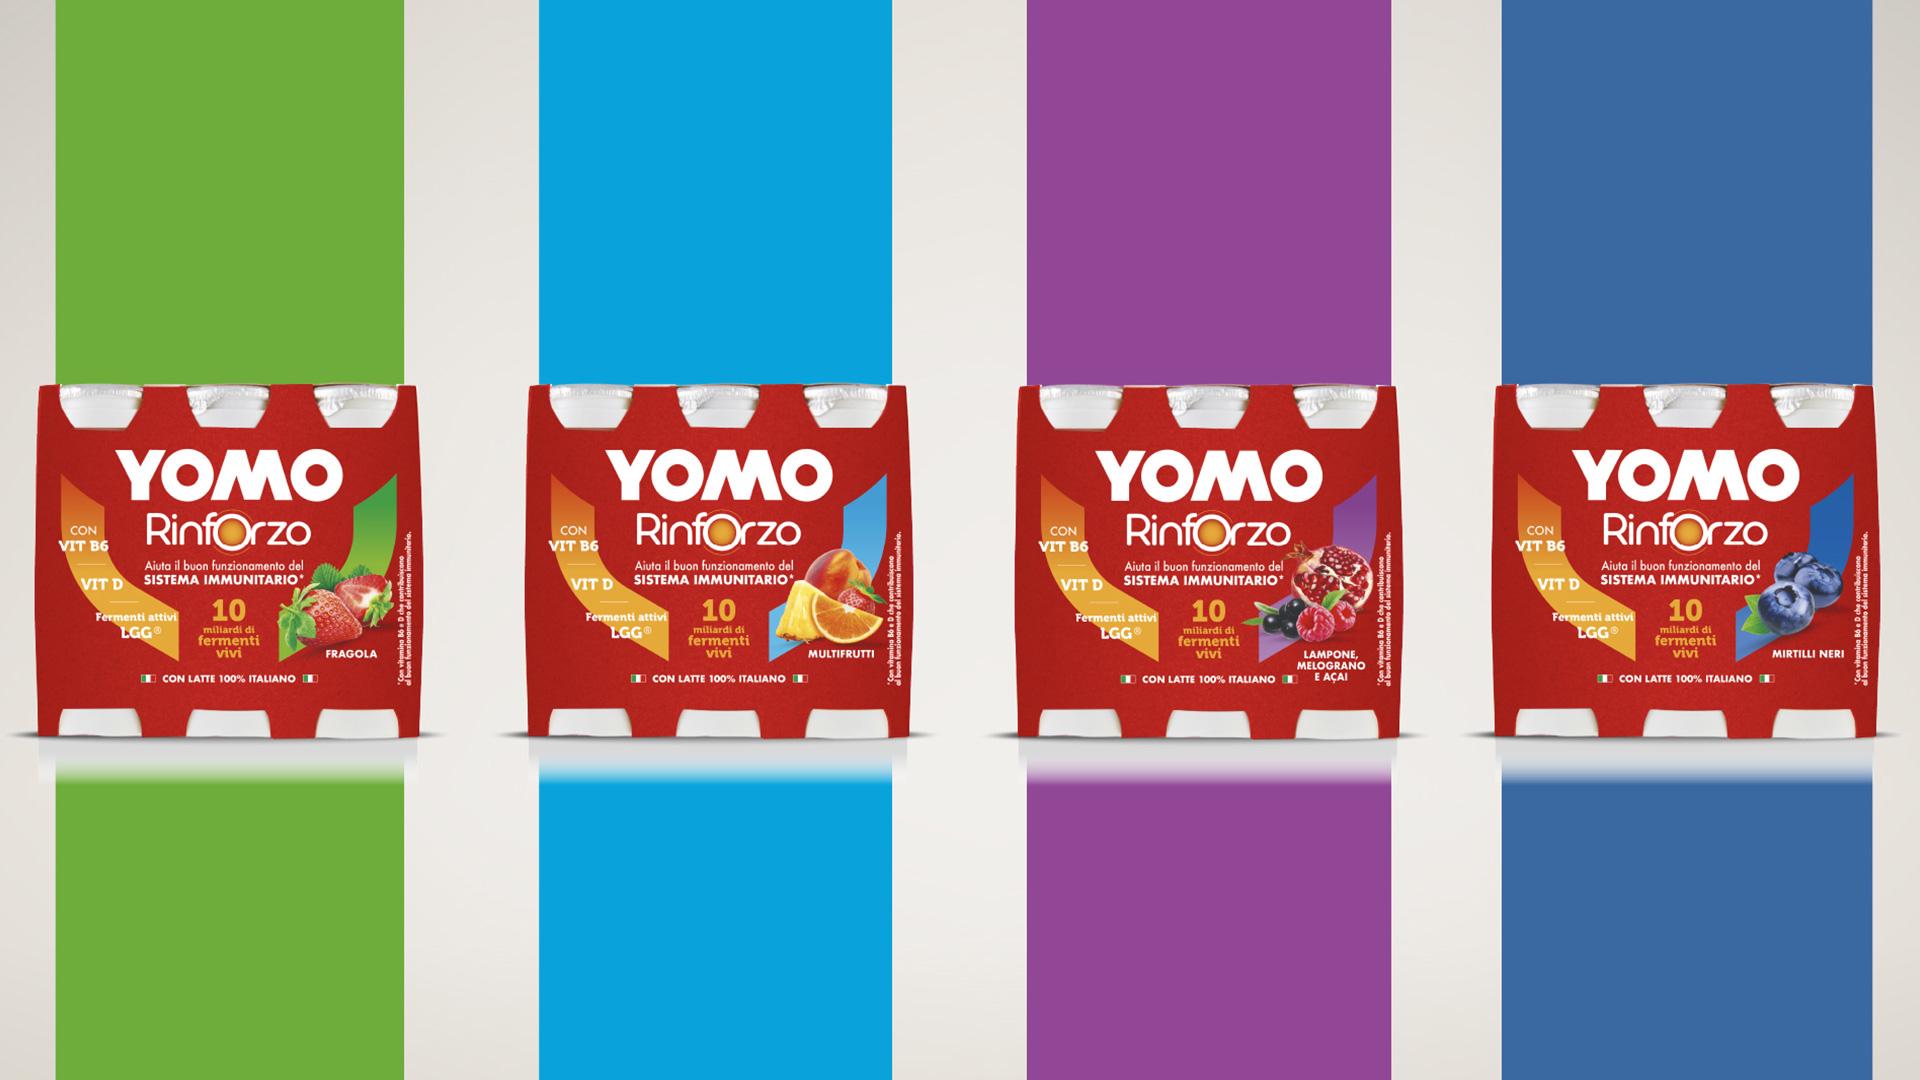 Yomo-Rba-Design-005